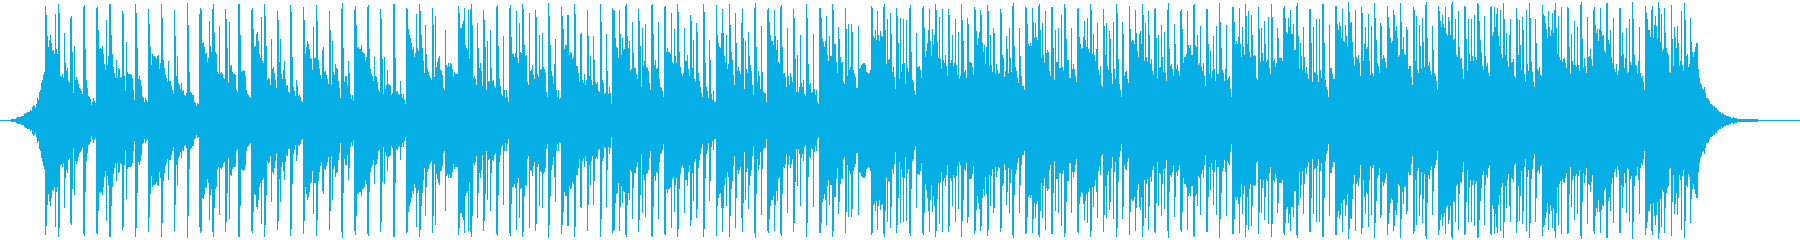 ポップロック、コーポレート系BGMの再生済みの波形